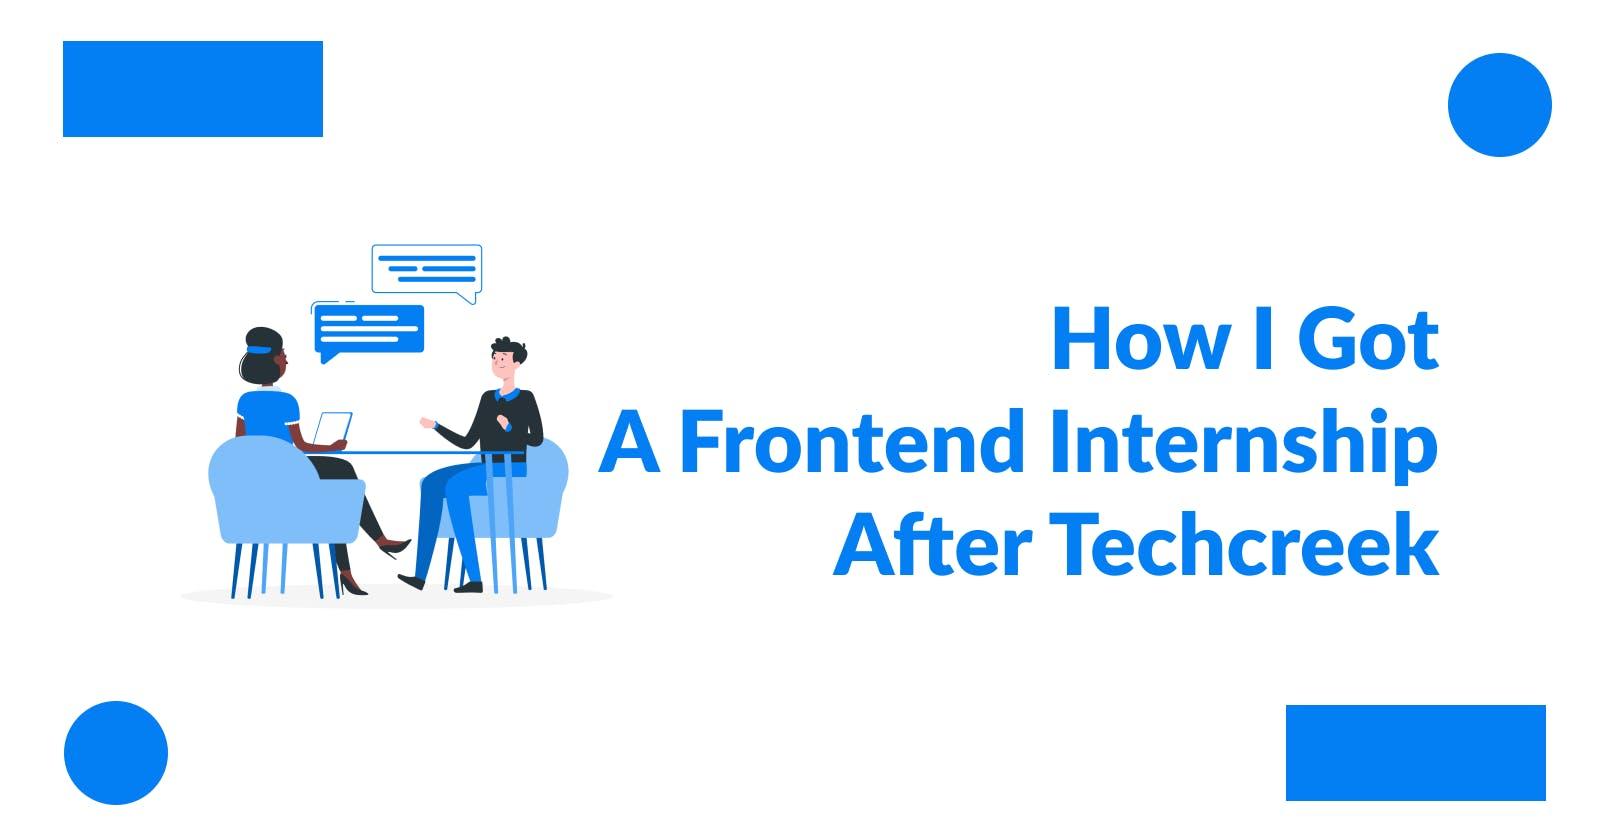 How I Got Frontend Internship After Techcreek